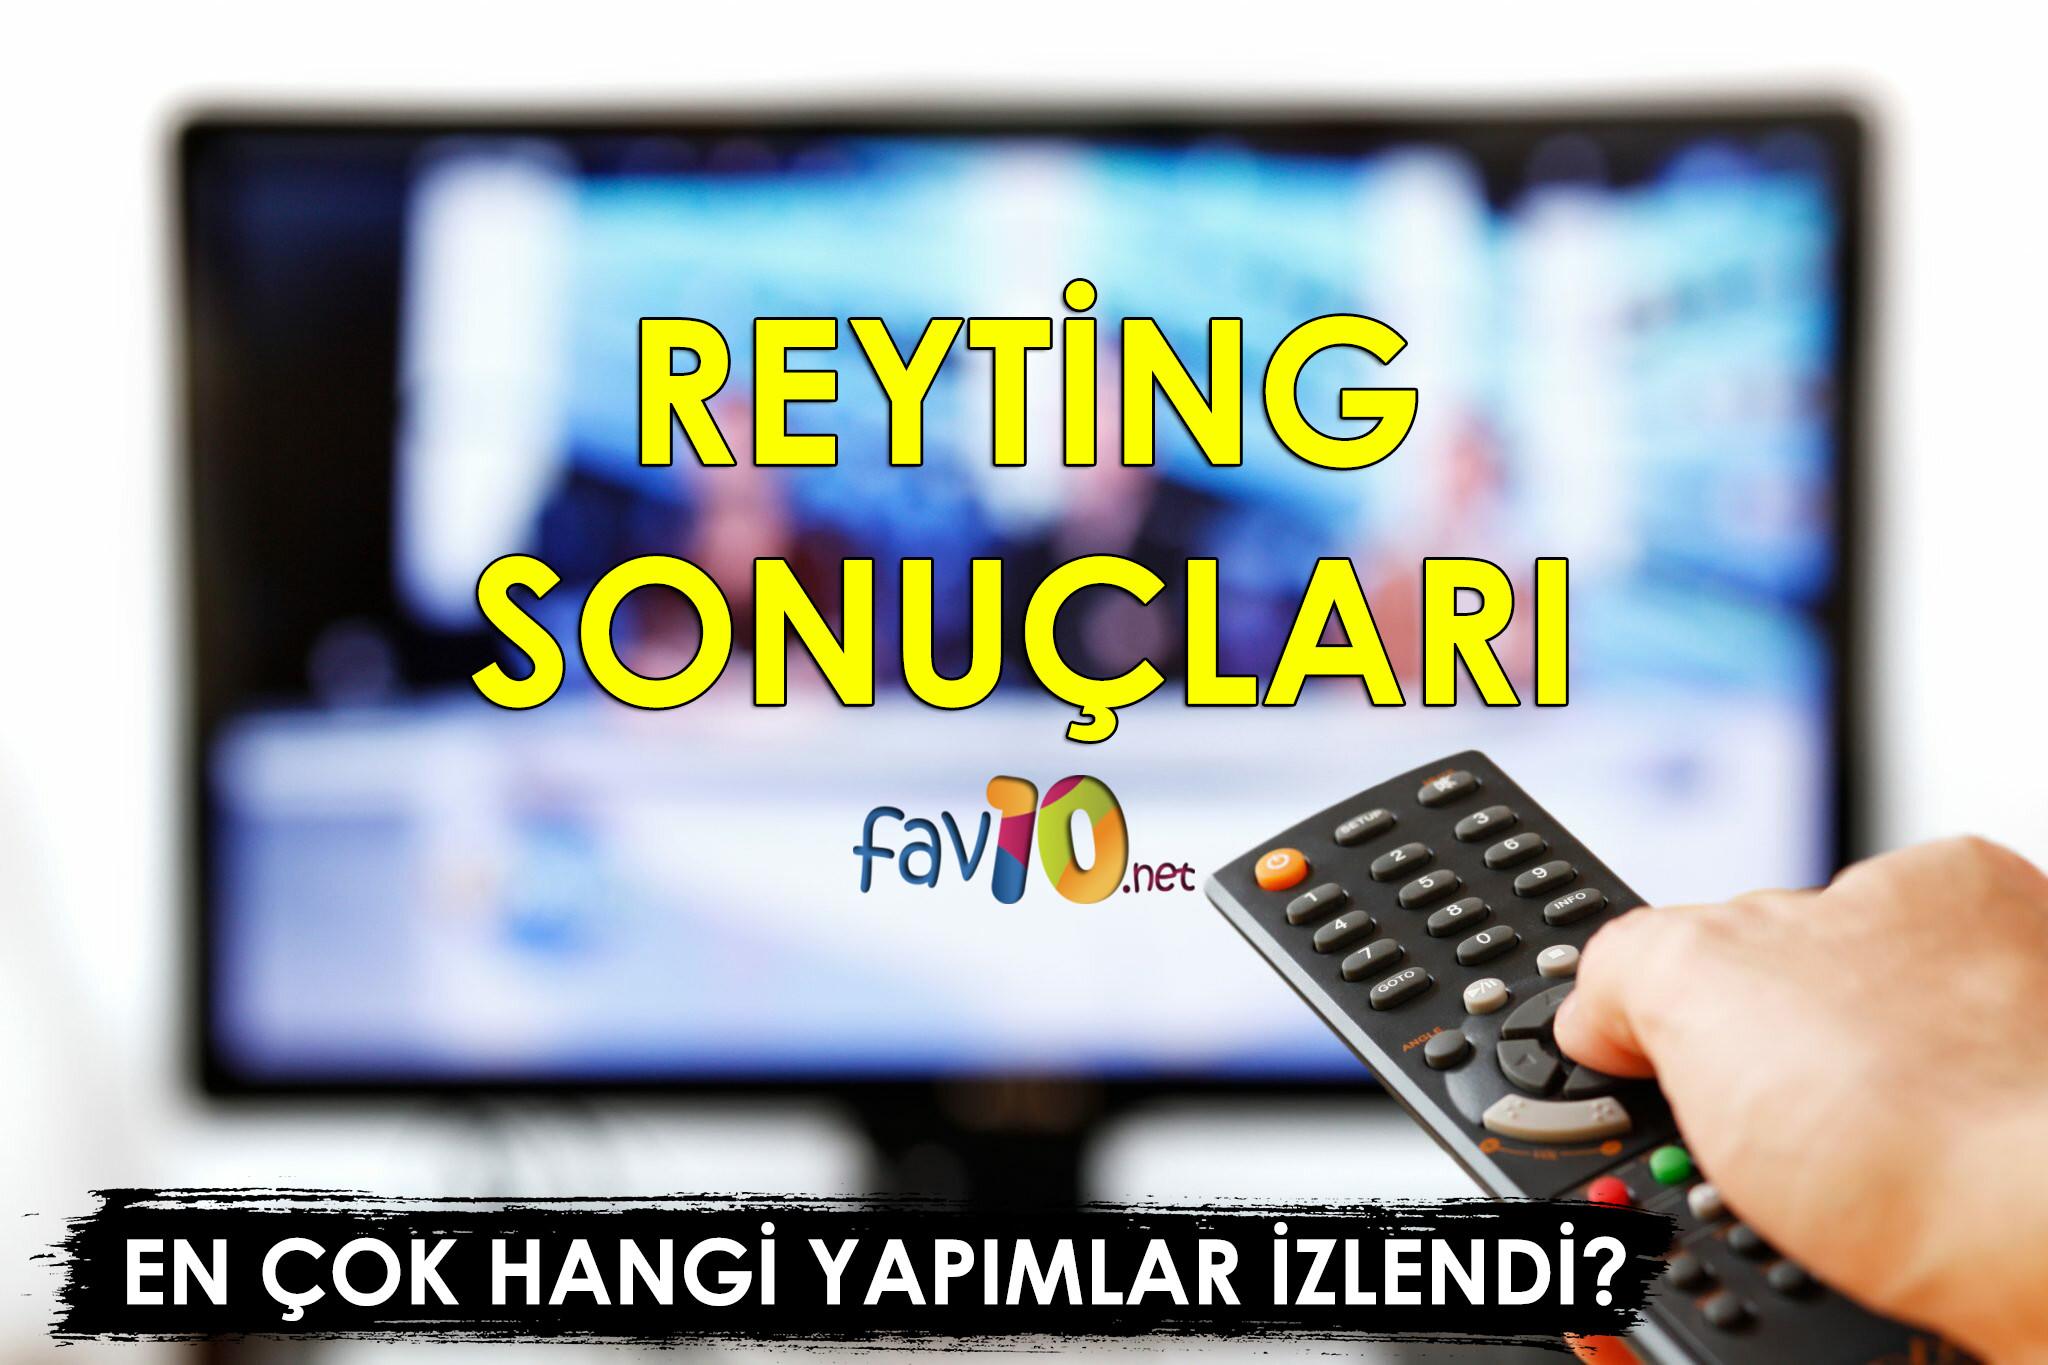 Reyting Sonuclari Fav10.jpg